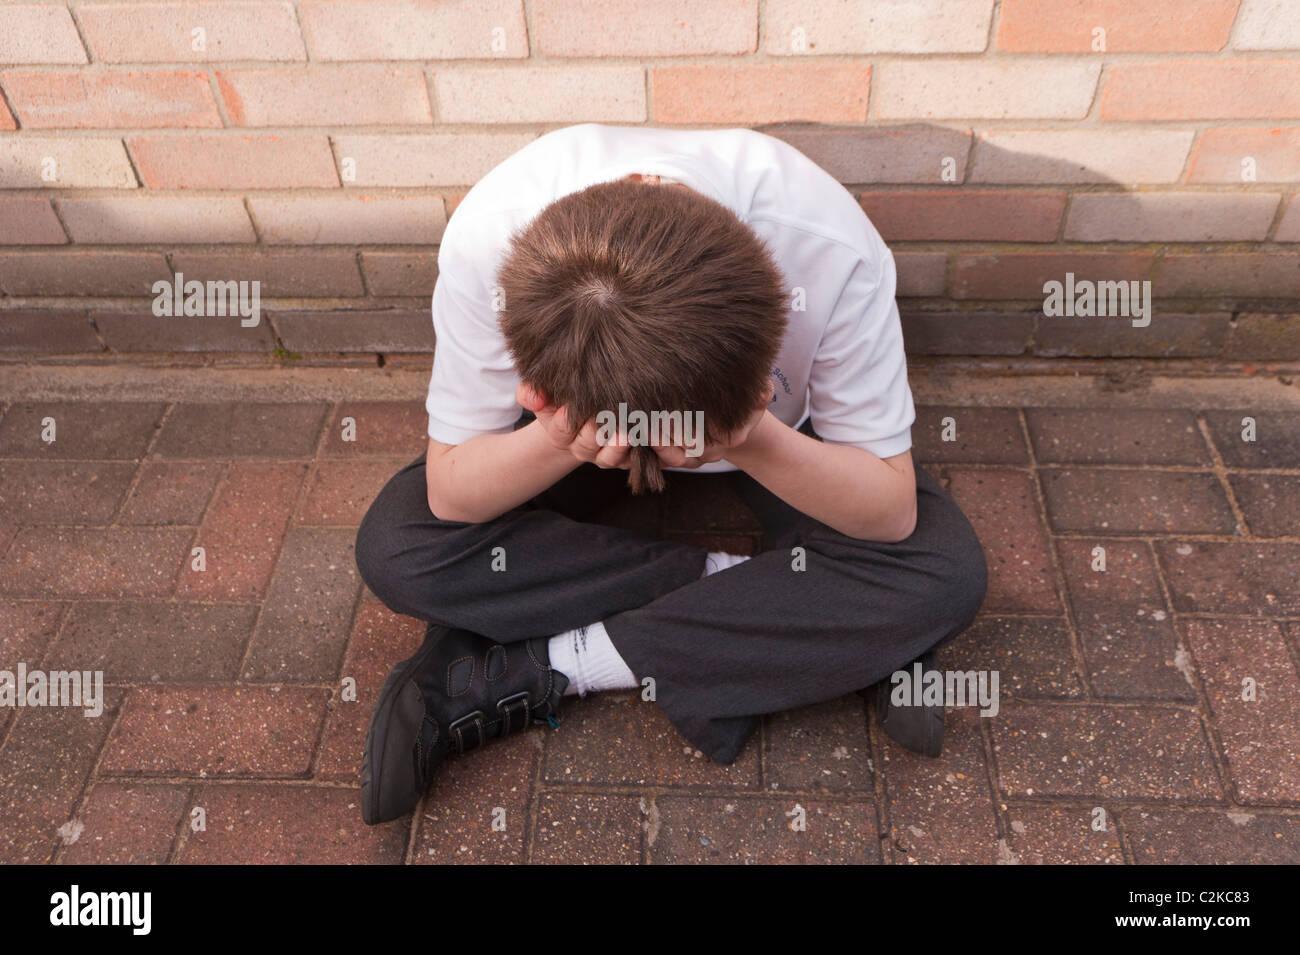 Um modelo liberado da imagem de um onze anos menino olhando carregado no exterior vestindo seu uniforme da escola Imagens de Stock